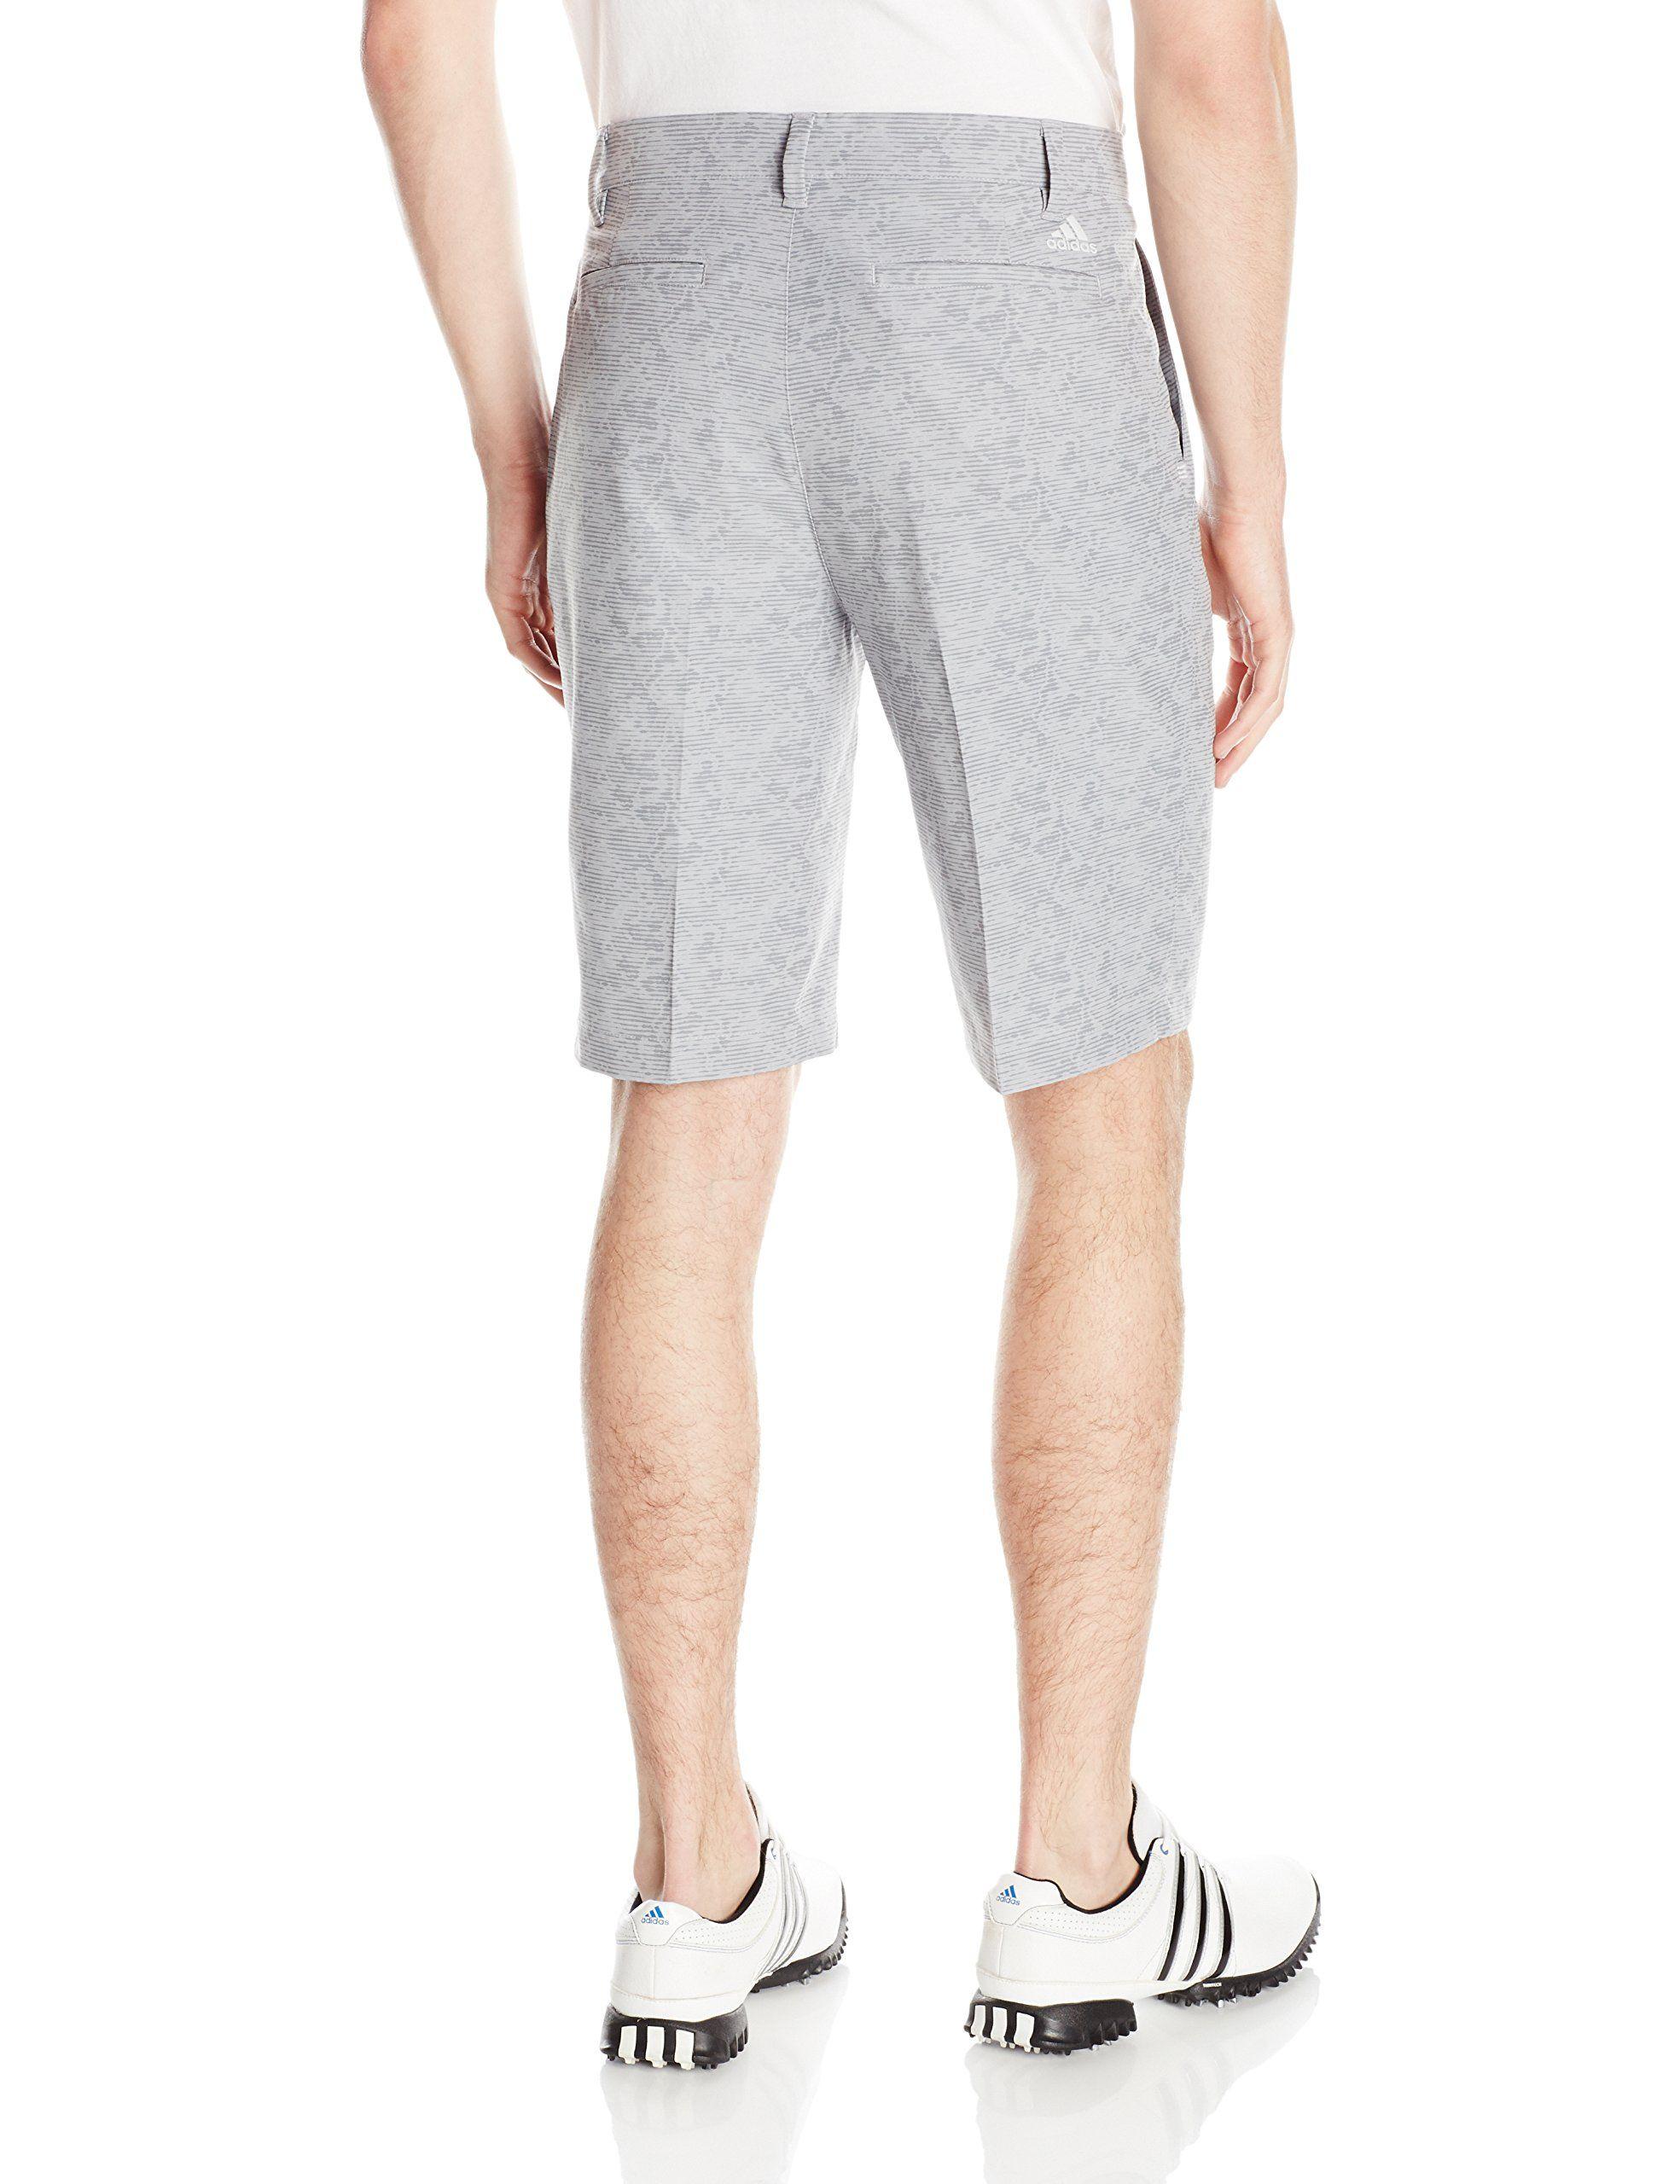 23++ Adidas adi ultimate golf shorts viral